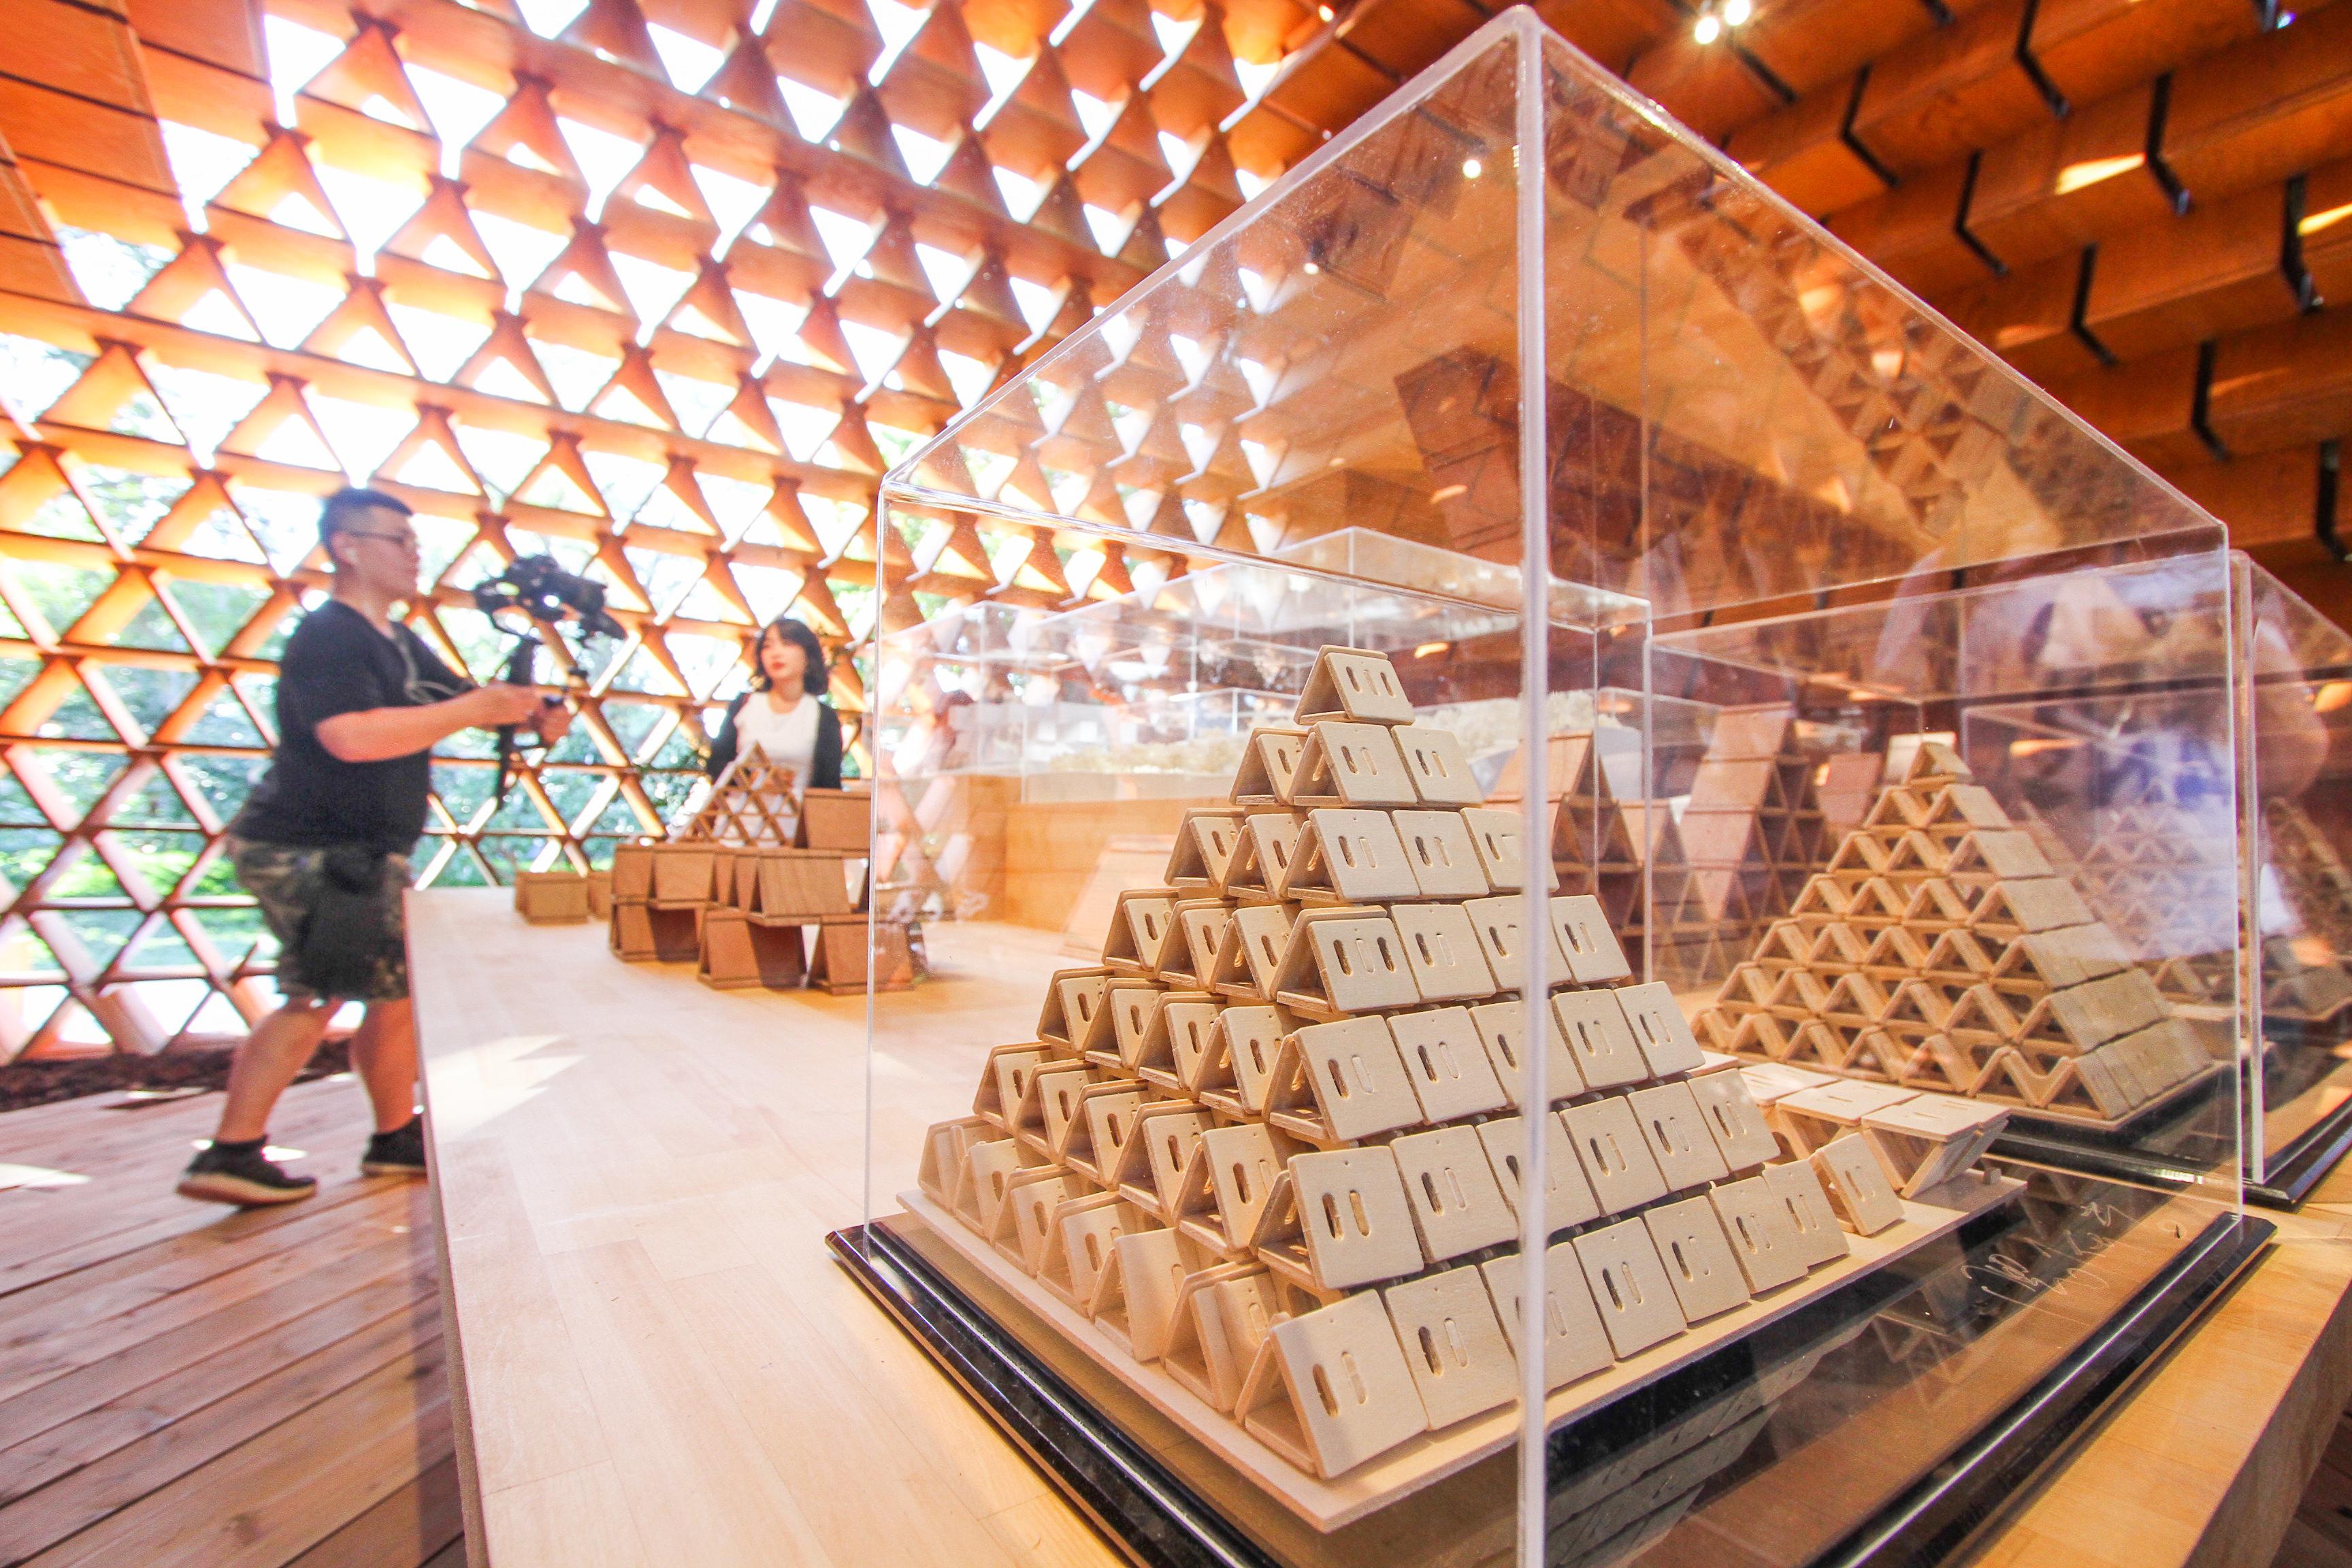 花博台開積木概念館攝影及積木創意設計比賽起跑 邀民眾分享生活美學